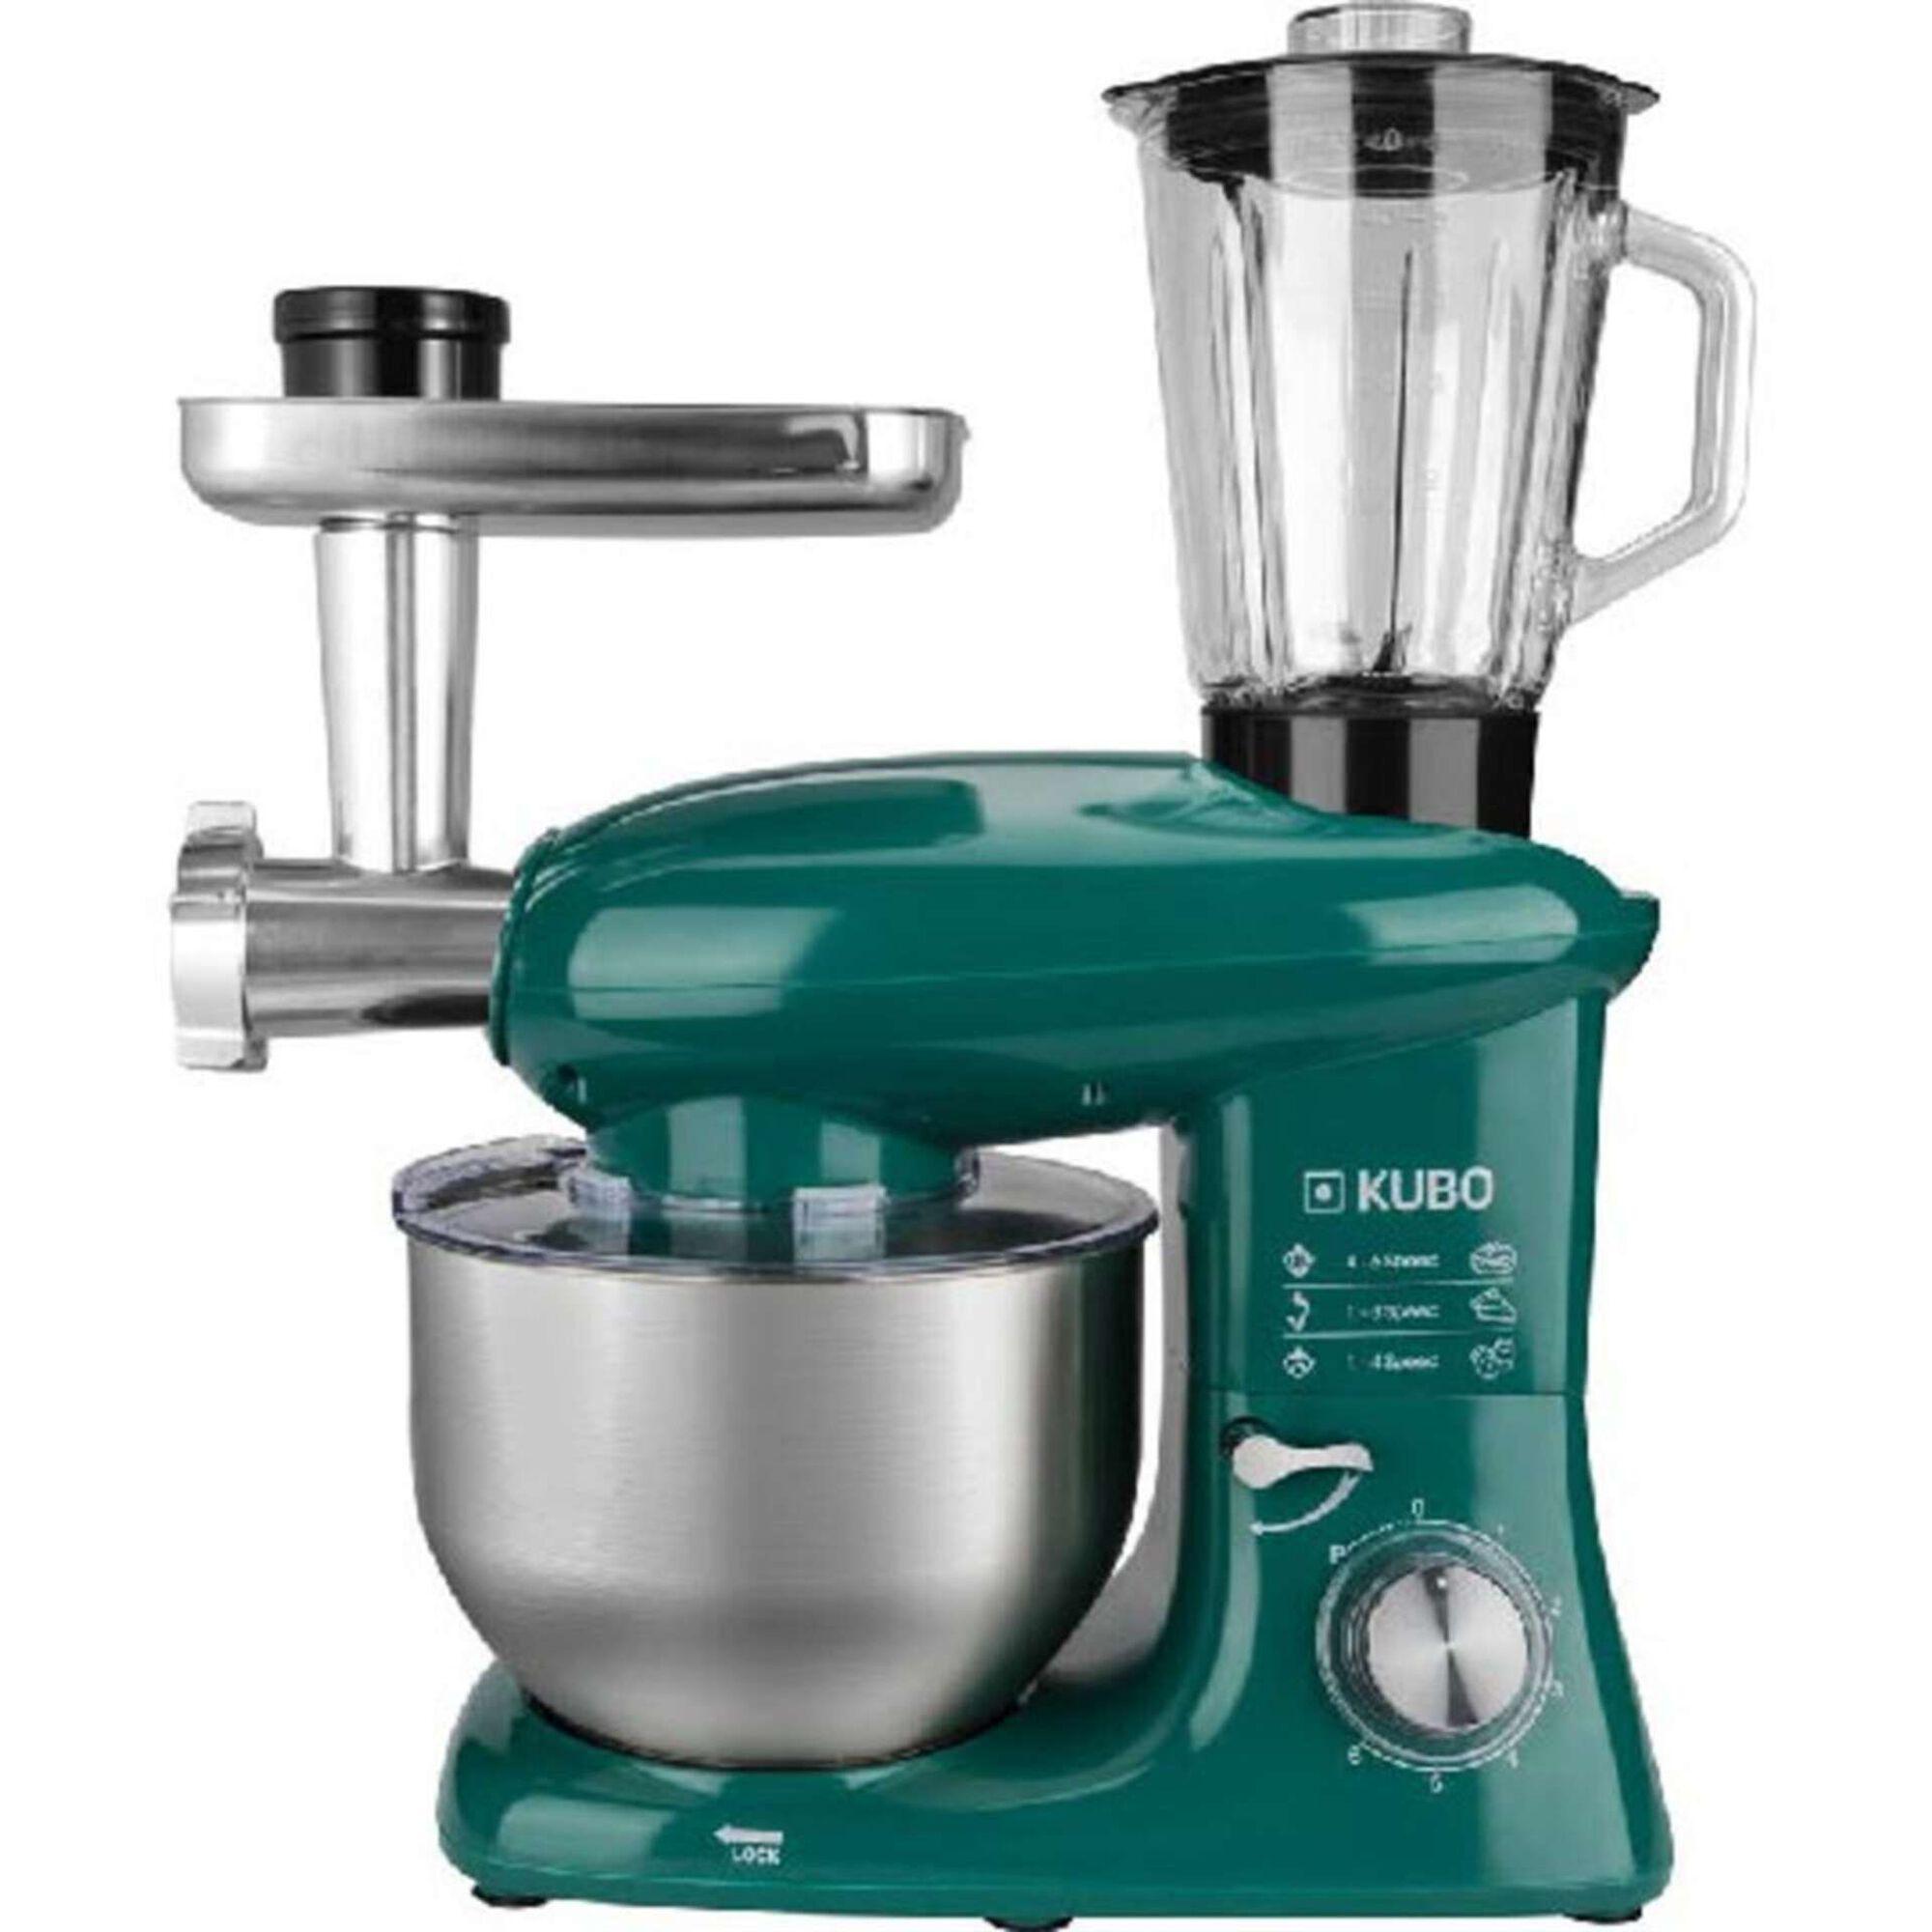 Robot de Cozinha KBKM4570